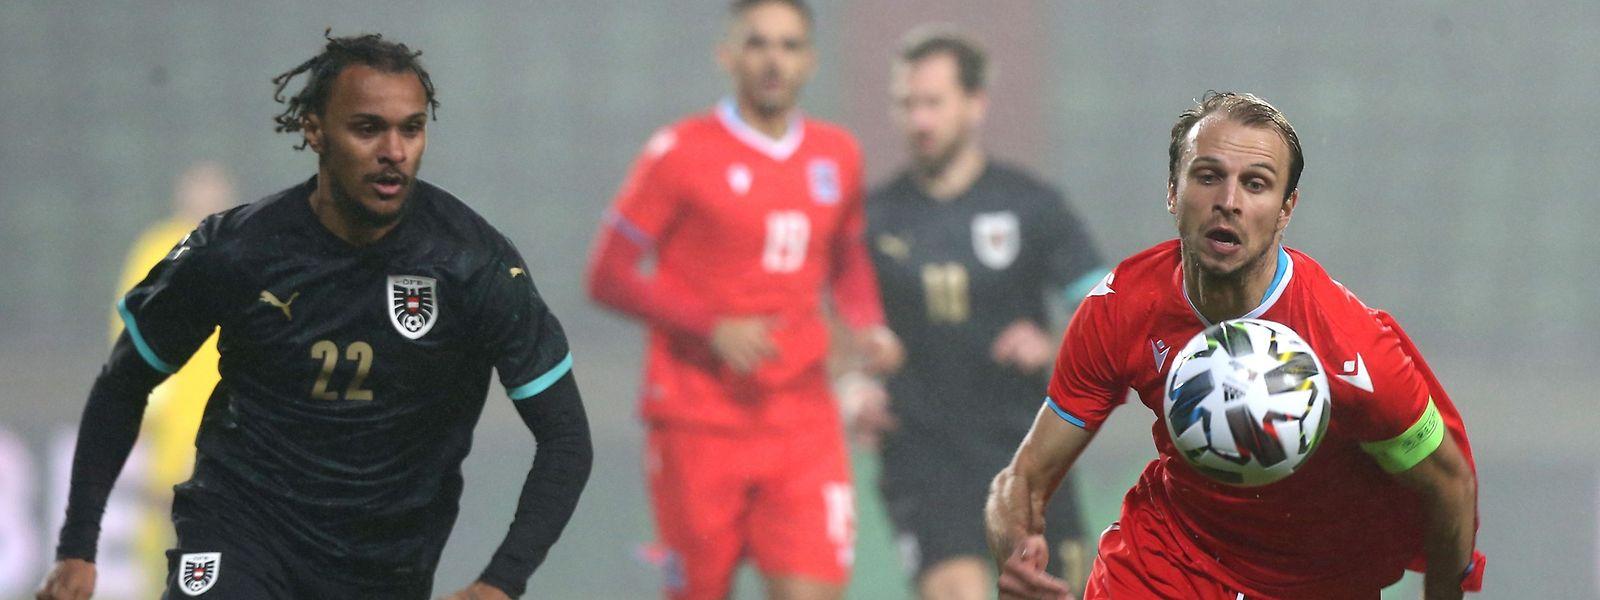 Lars Gerson da seleção luxemburguesa (à direita) disputa a bola com Valentino Lazaro numa amigável entre o Luxemburgo e a Áustria no estádio Josy Barthel na cidade do Luxemburgo, em novembro do ano passado.